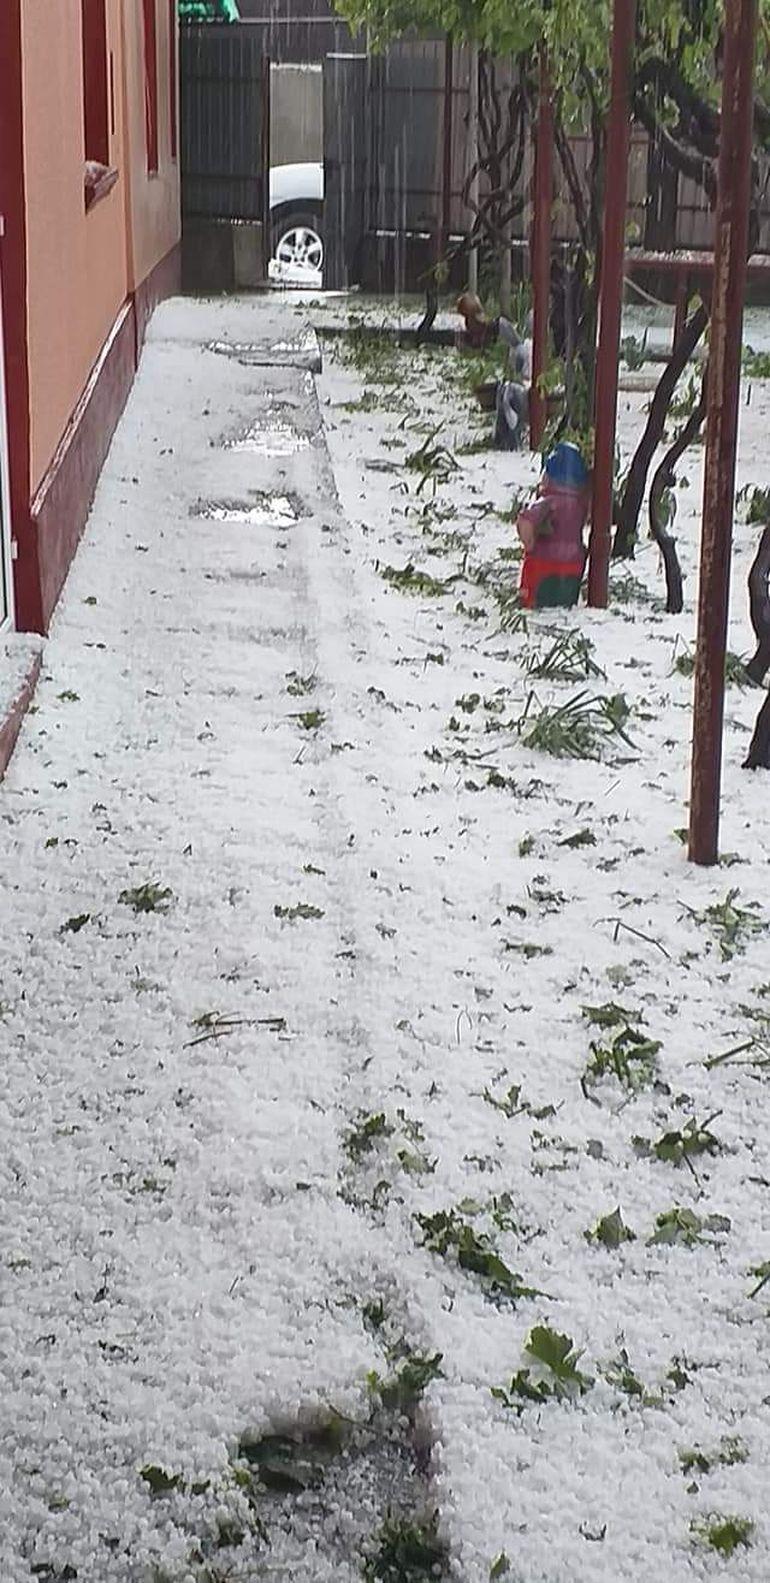 Grindina a făcut prăpăd în Tulcea! Imagini incredibile filmate în urmă cu puțin timp